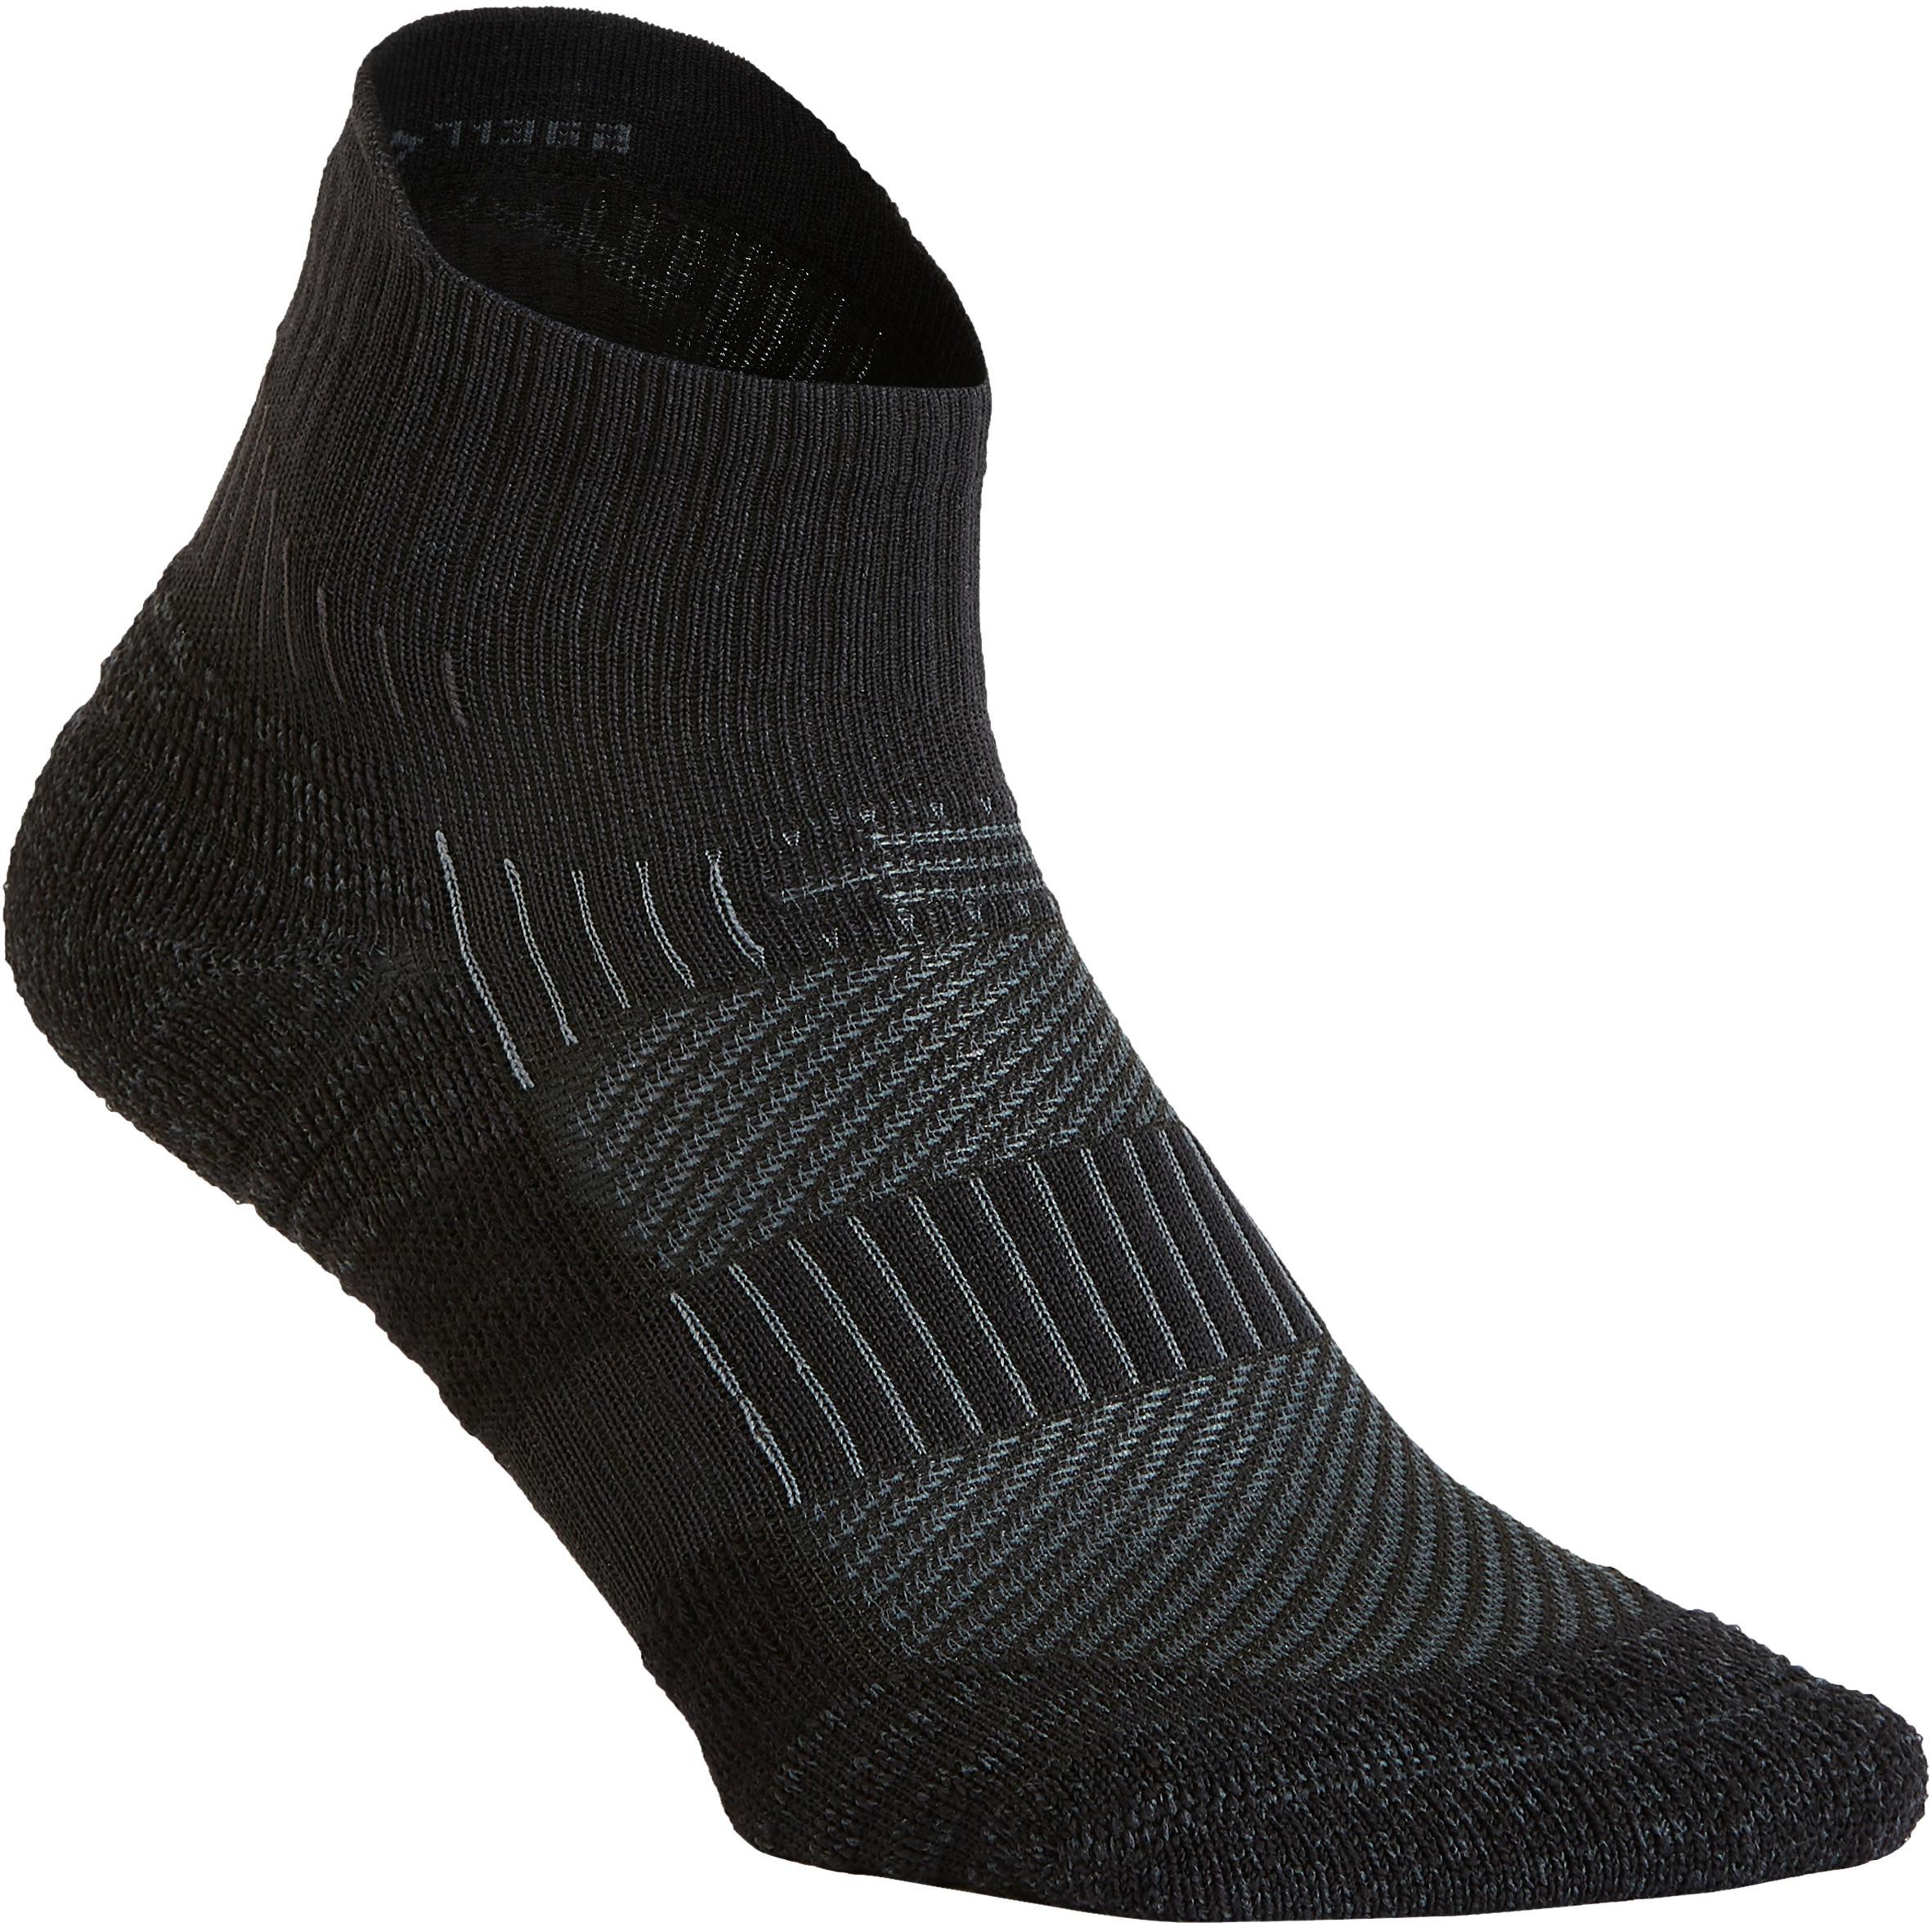 Newfeel Sokken voor sportief wandelen WS 500 low zwart kopen